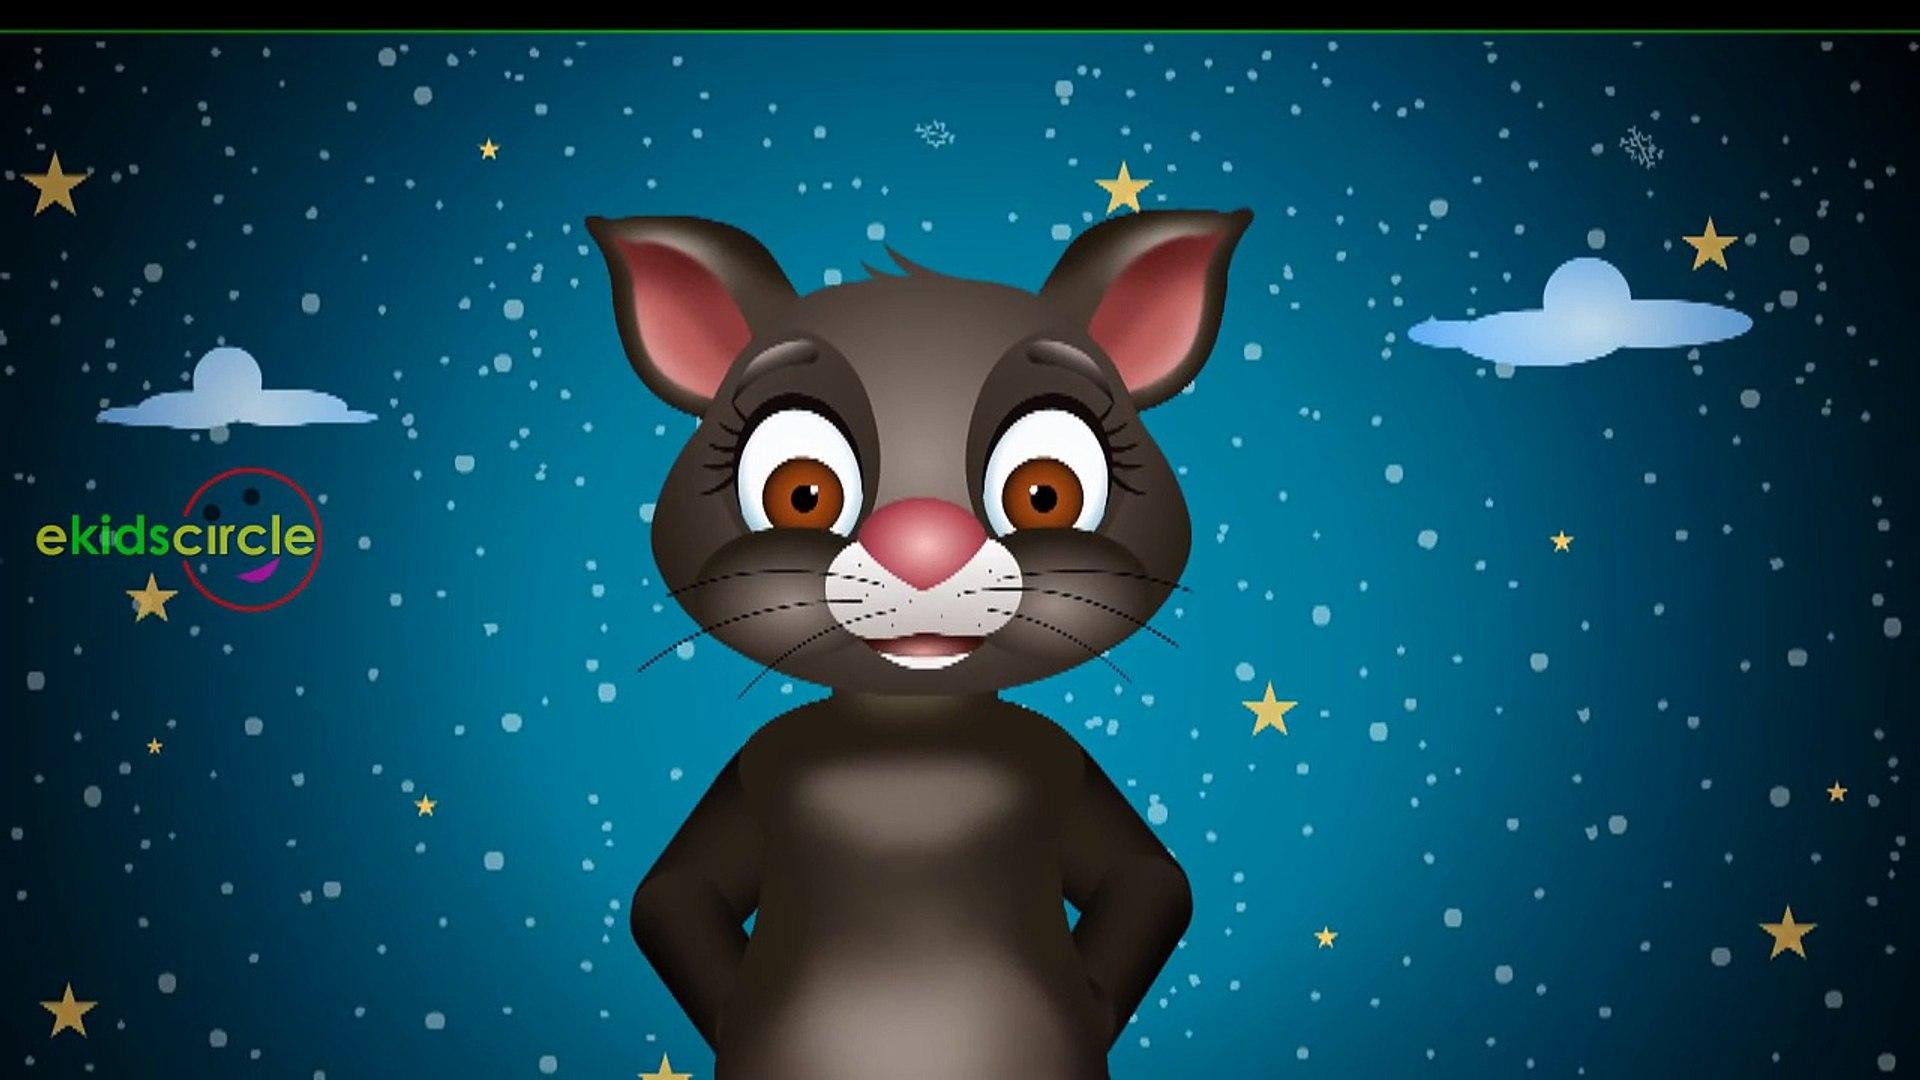 И Детка ребенок Дети для я я я и в Дети мало Номера питомник рифмы звезда звезда остановка мерцать |